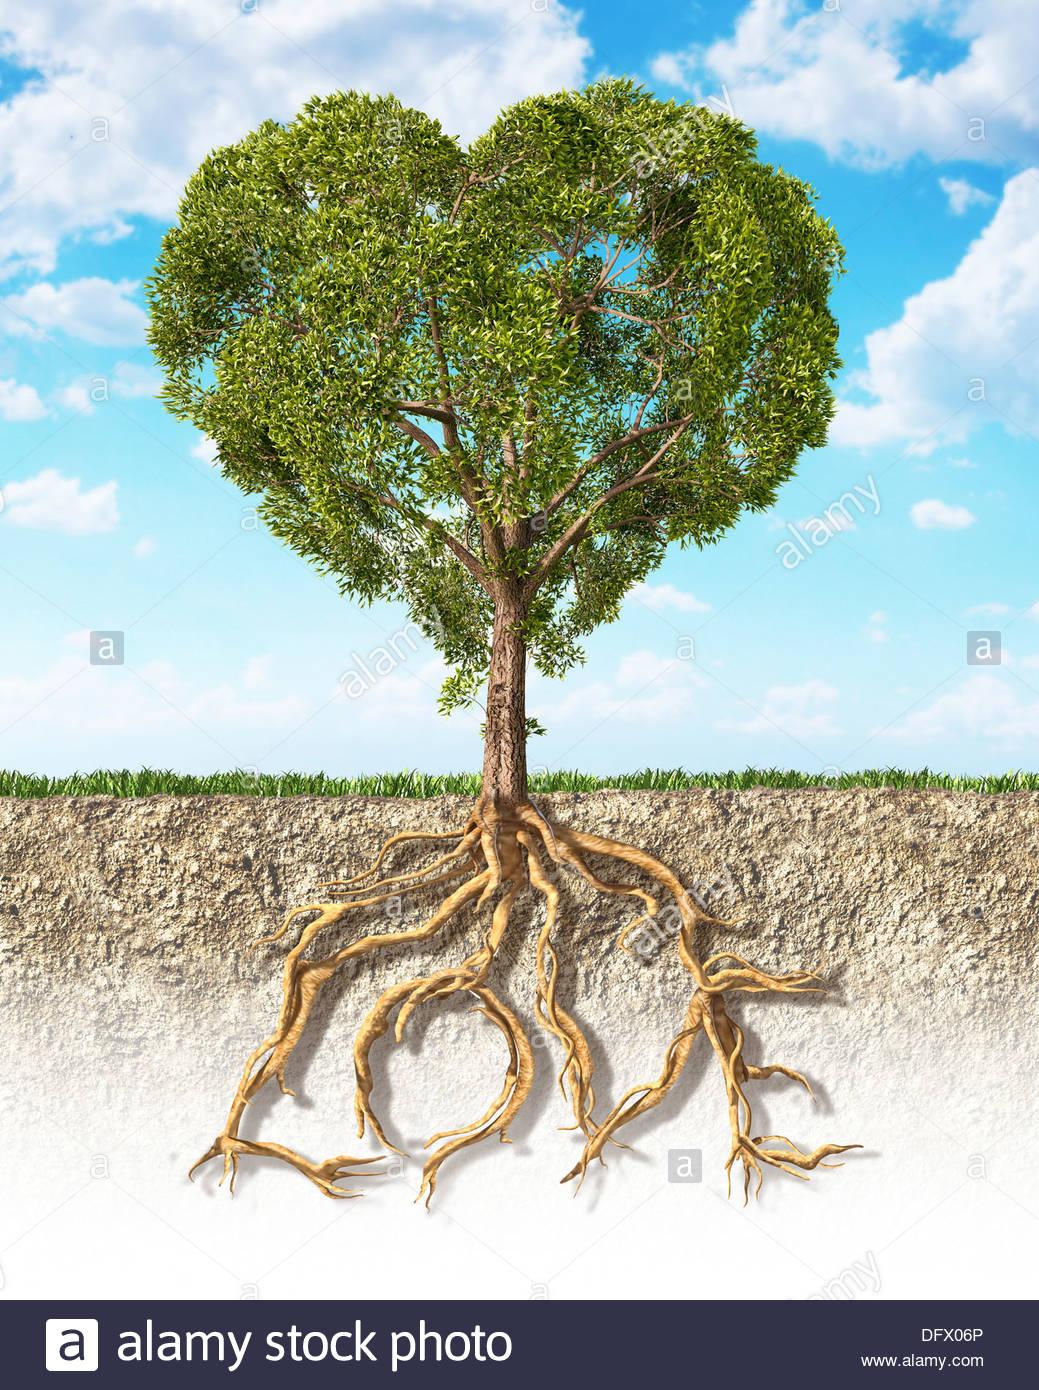 Secção transversal do solo mostrando uma árvore em forma de coração com as suas raízes Imagens de Stock